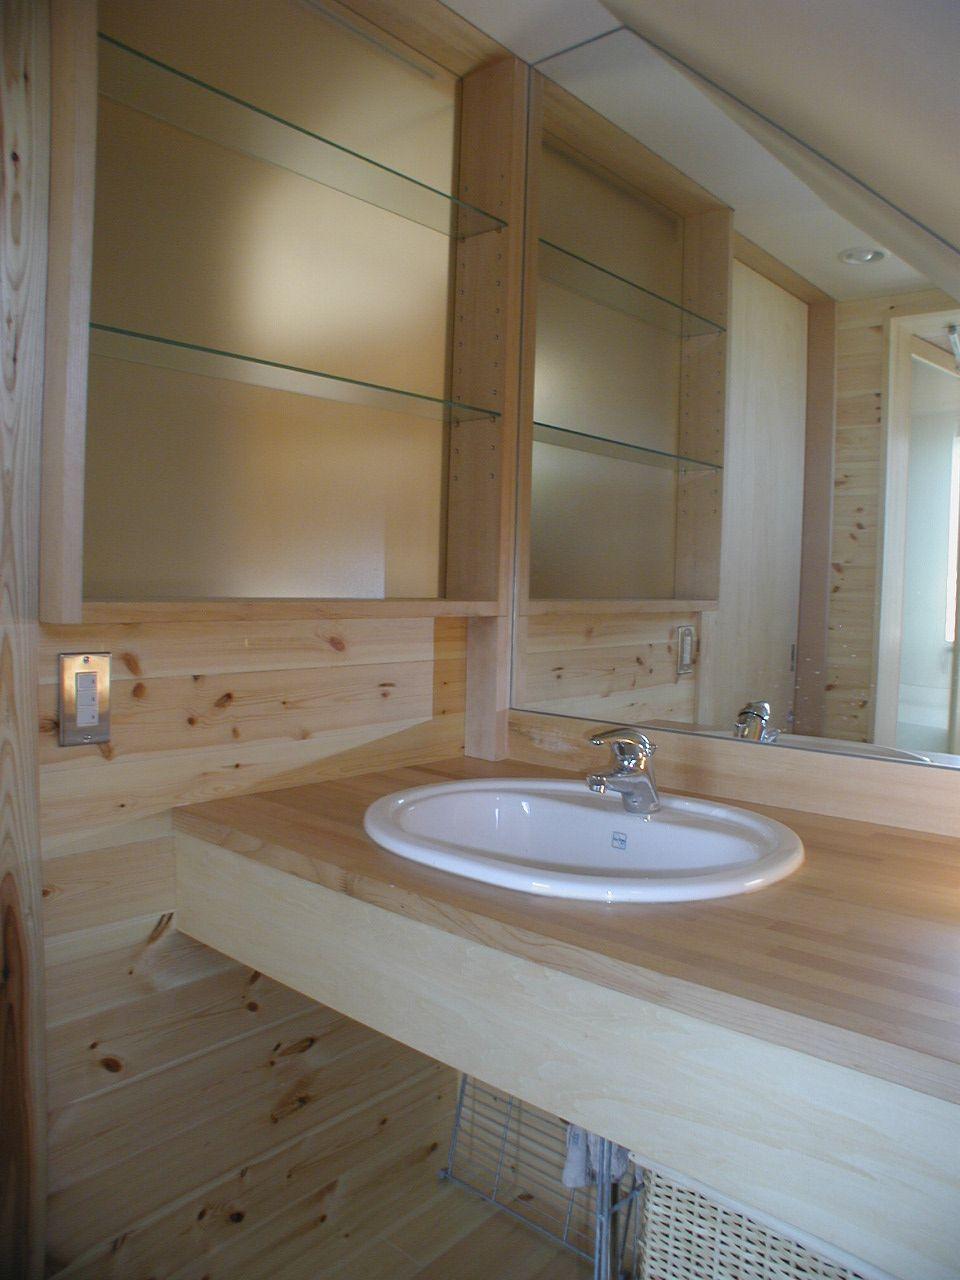 ボード 浴室 お風呂 洗面 Washroom Bathroom のピン